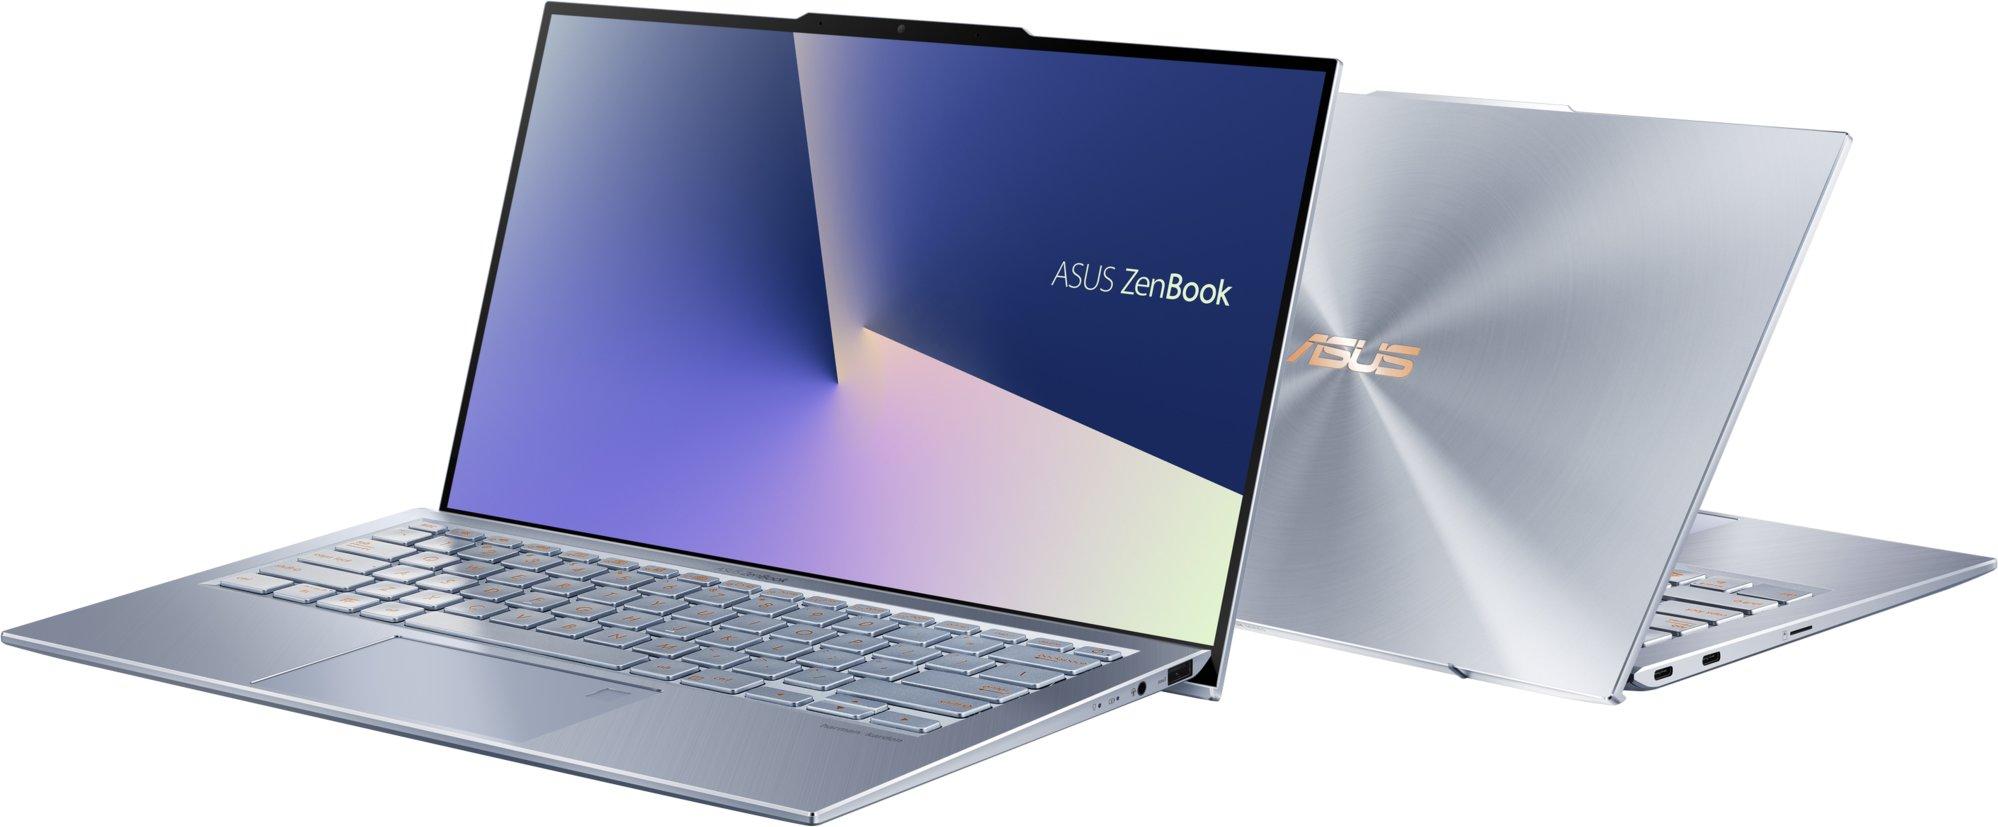 Revue de presse des tests publiés sur le Web (Asus ZenBook S UX392FN)